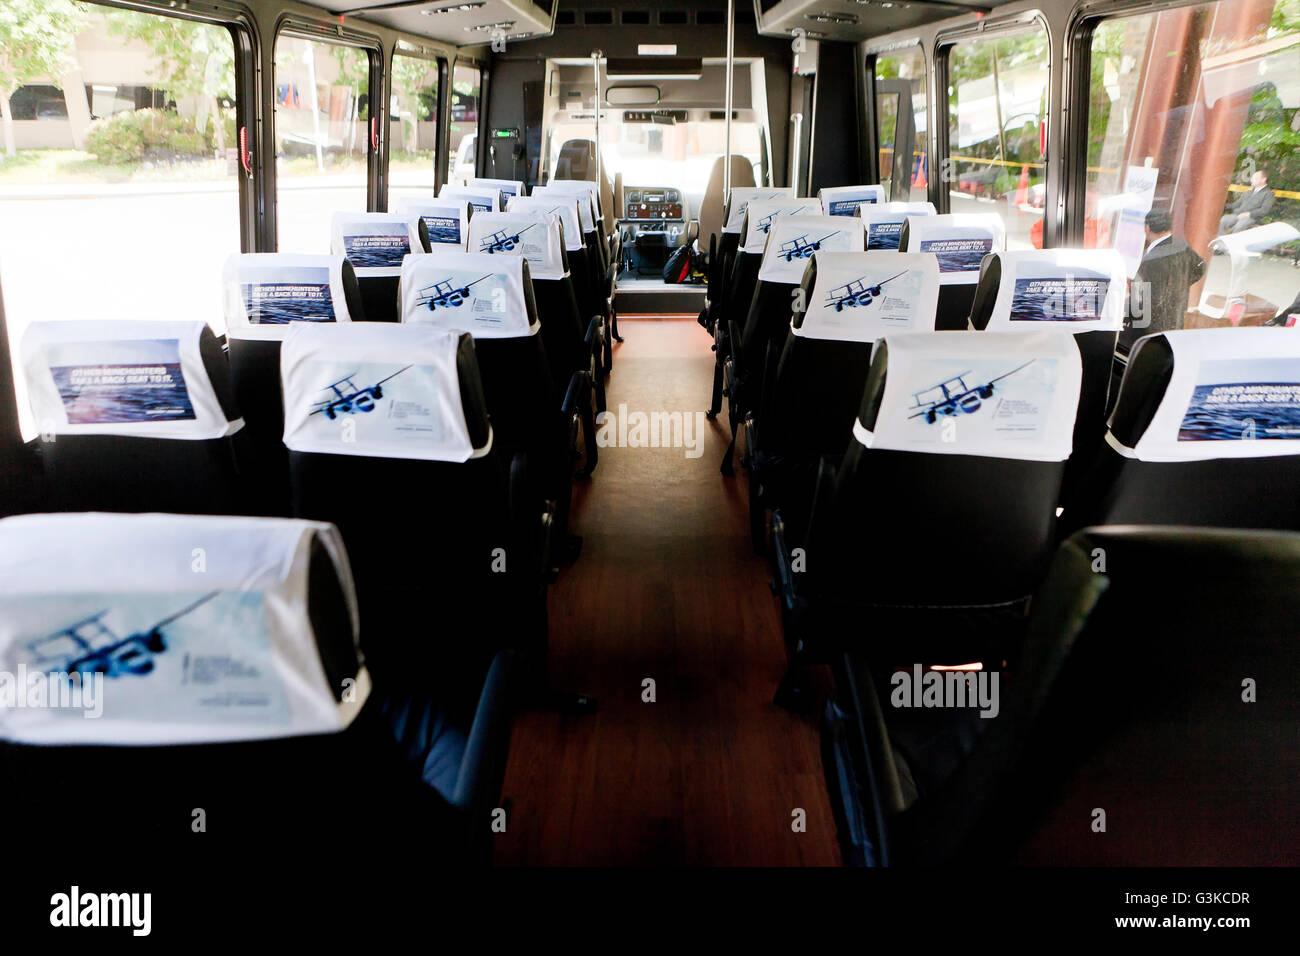 Charter bus interior - USA - Stock Image